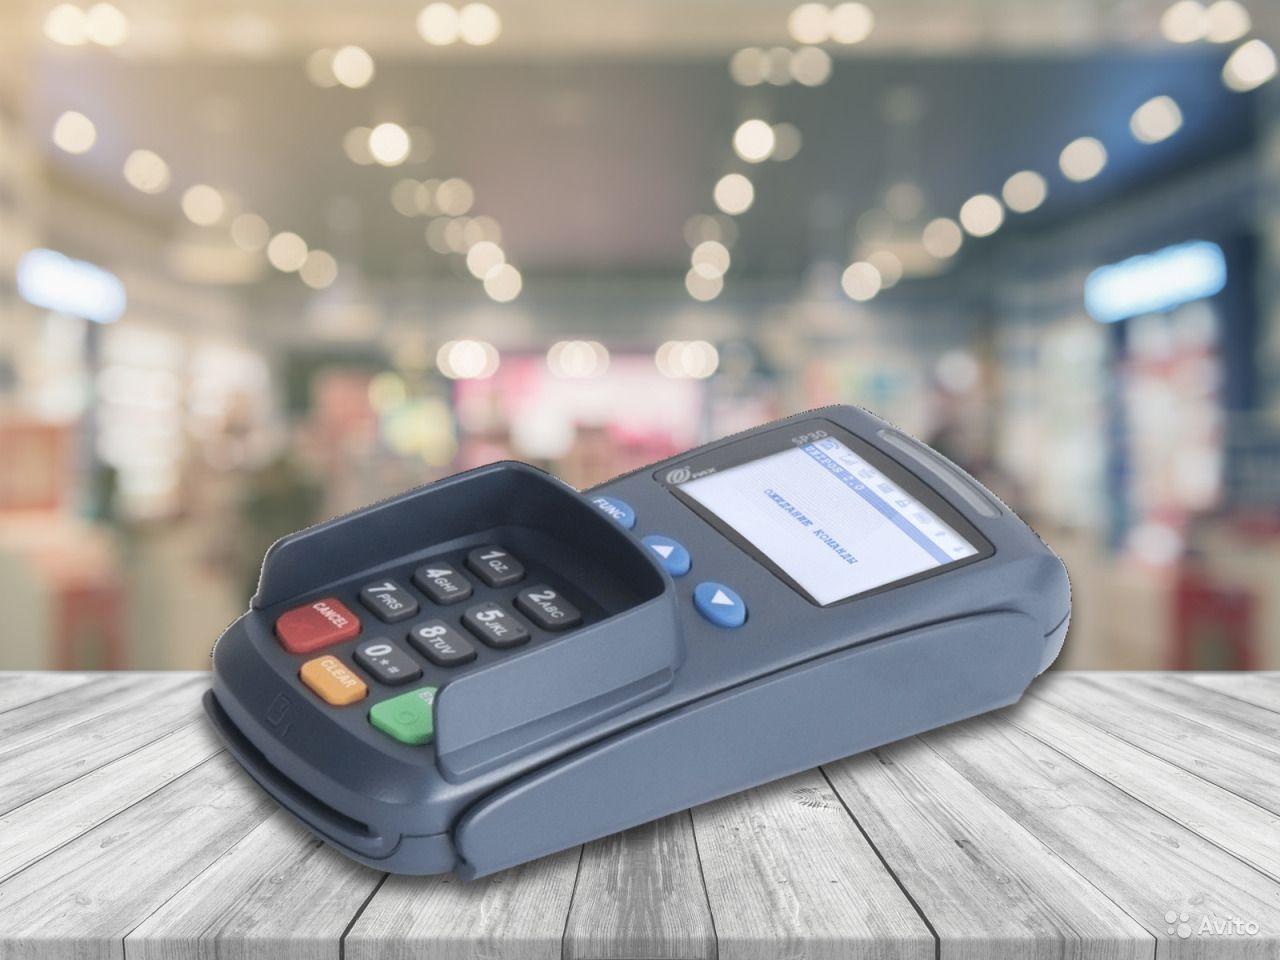 В Крыму мужчина из магазина вынес банковский терминал